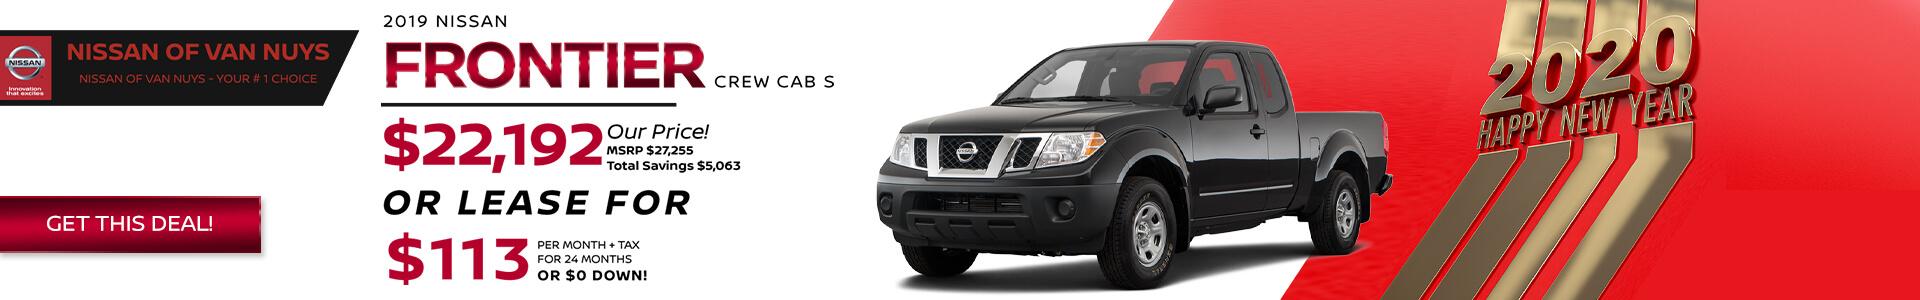 Nissan Frontier SRP